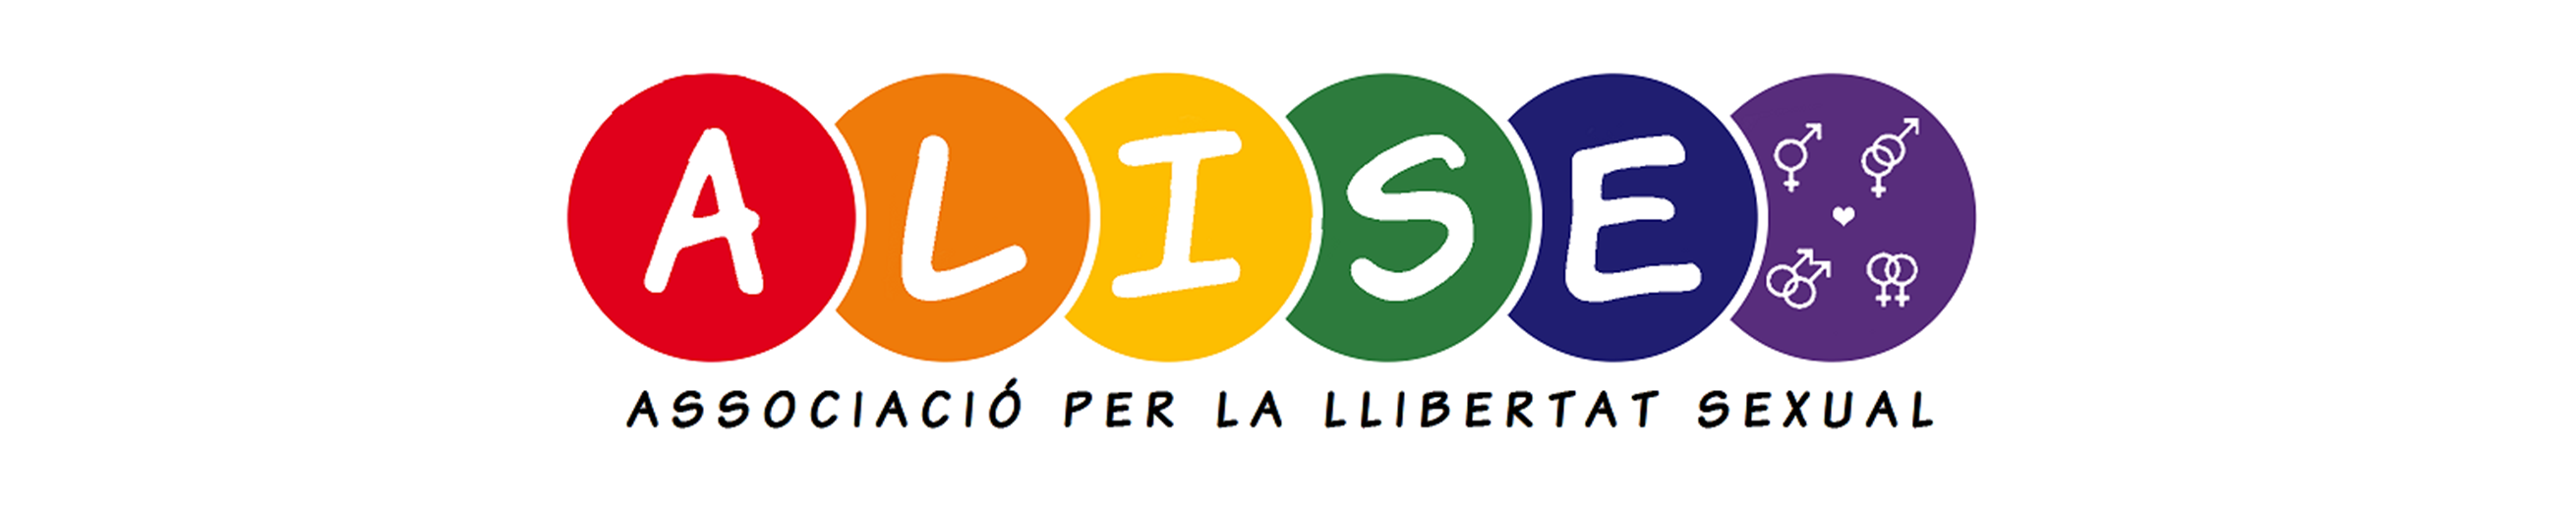 ALICE LGBTI